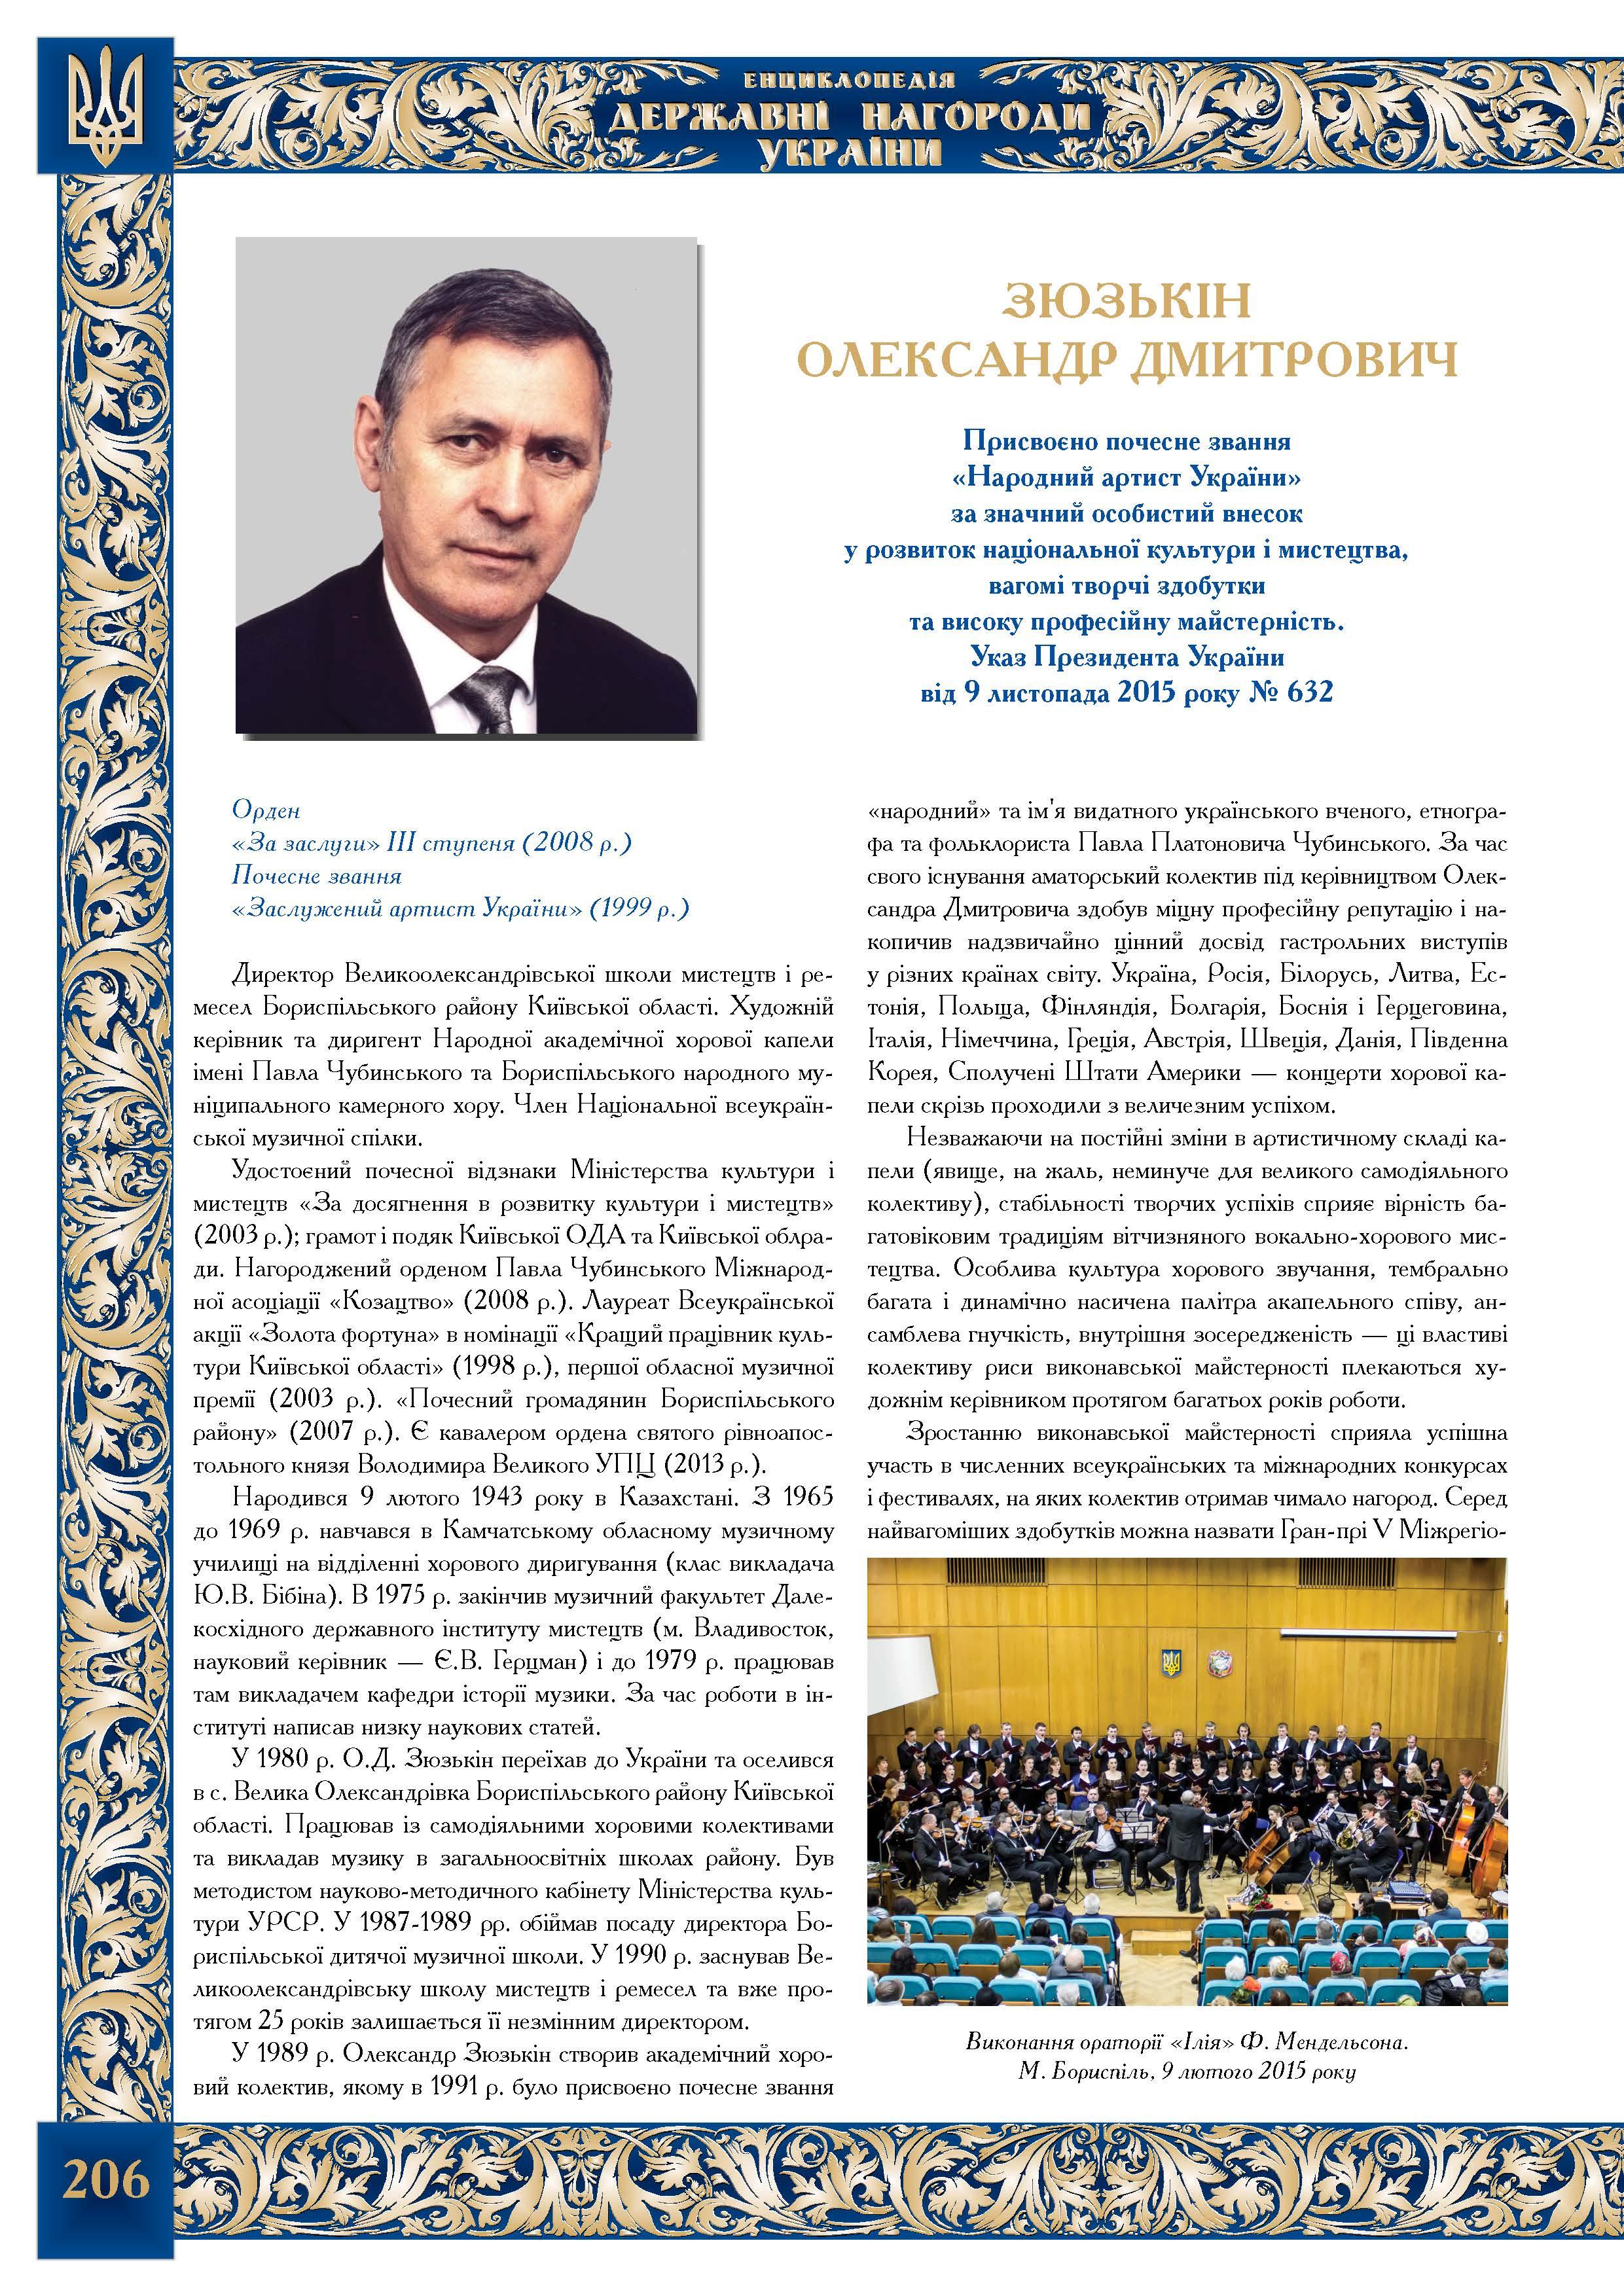 Зюзькін Олександр Дмитрович